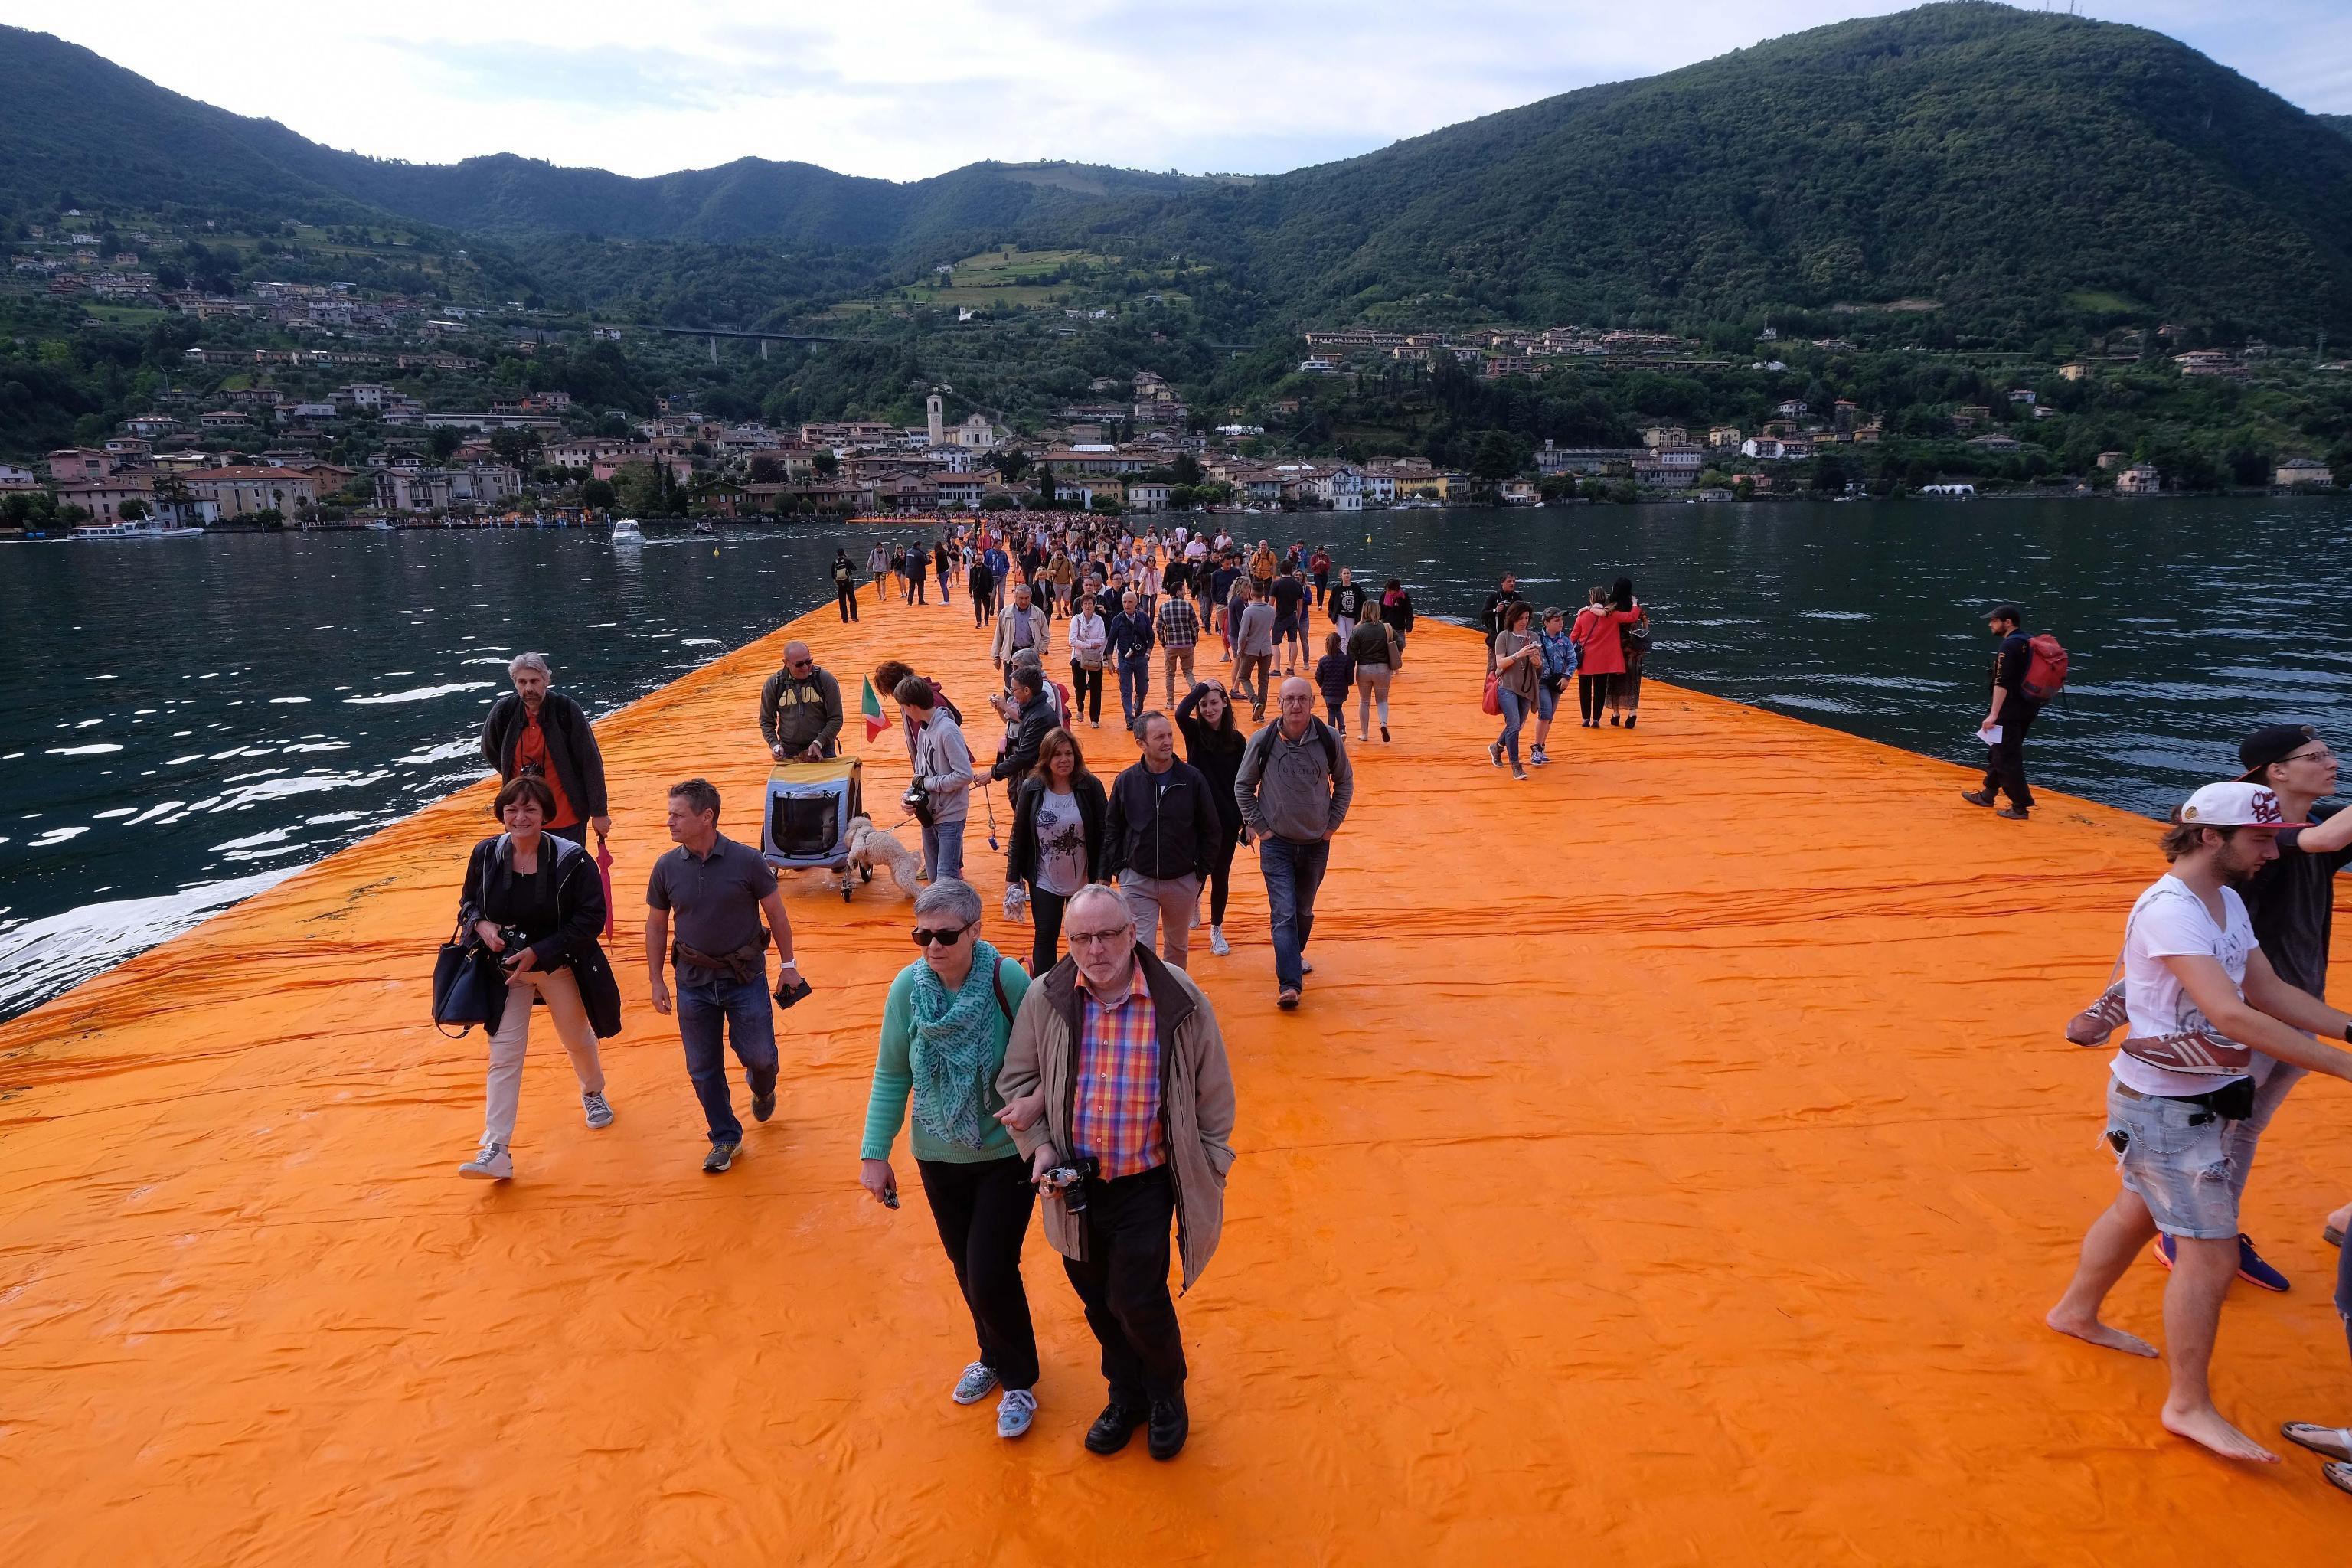 Новата творба на българския художник Христо Явашев, известен като Кристо, предизвика силен интерес в Италия. На езерото Изео бяха открити плаващи кейове, които позволяват да се ходи по вода.